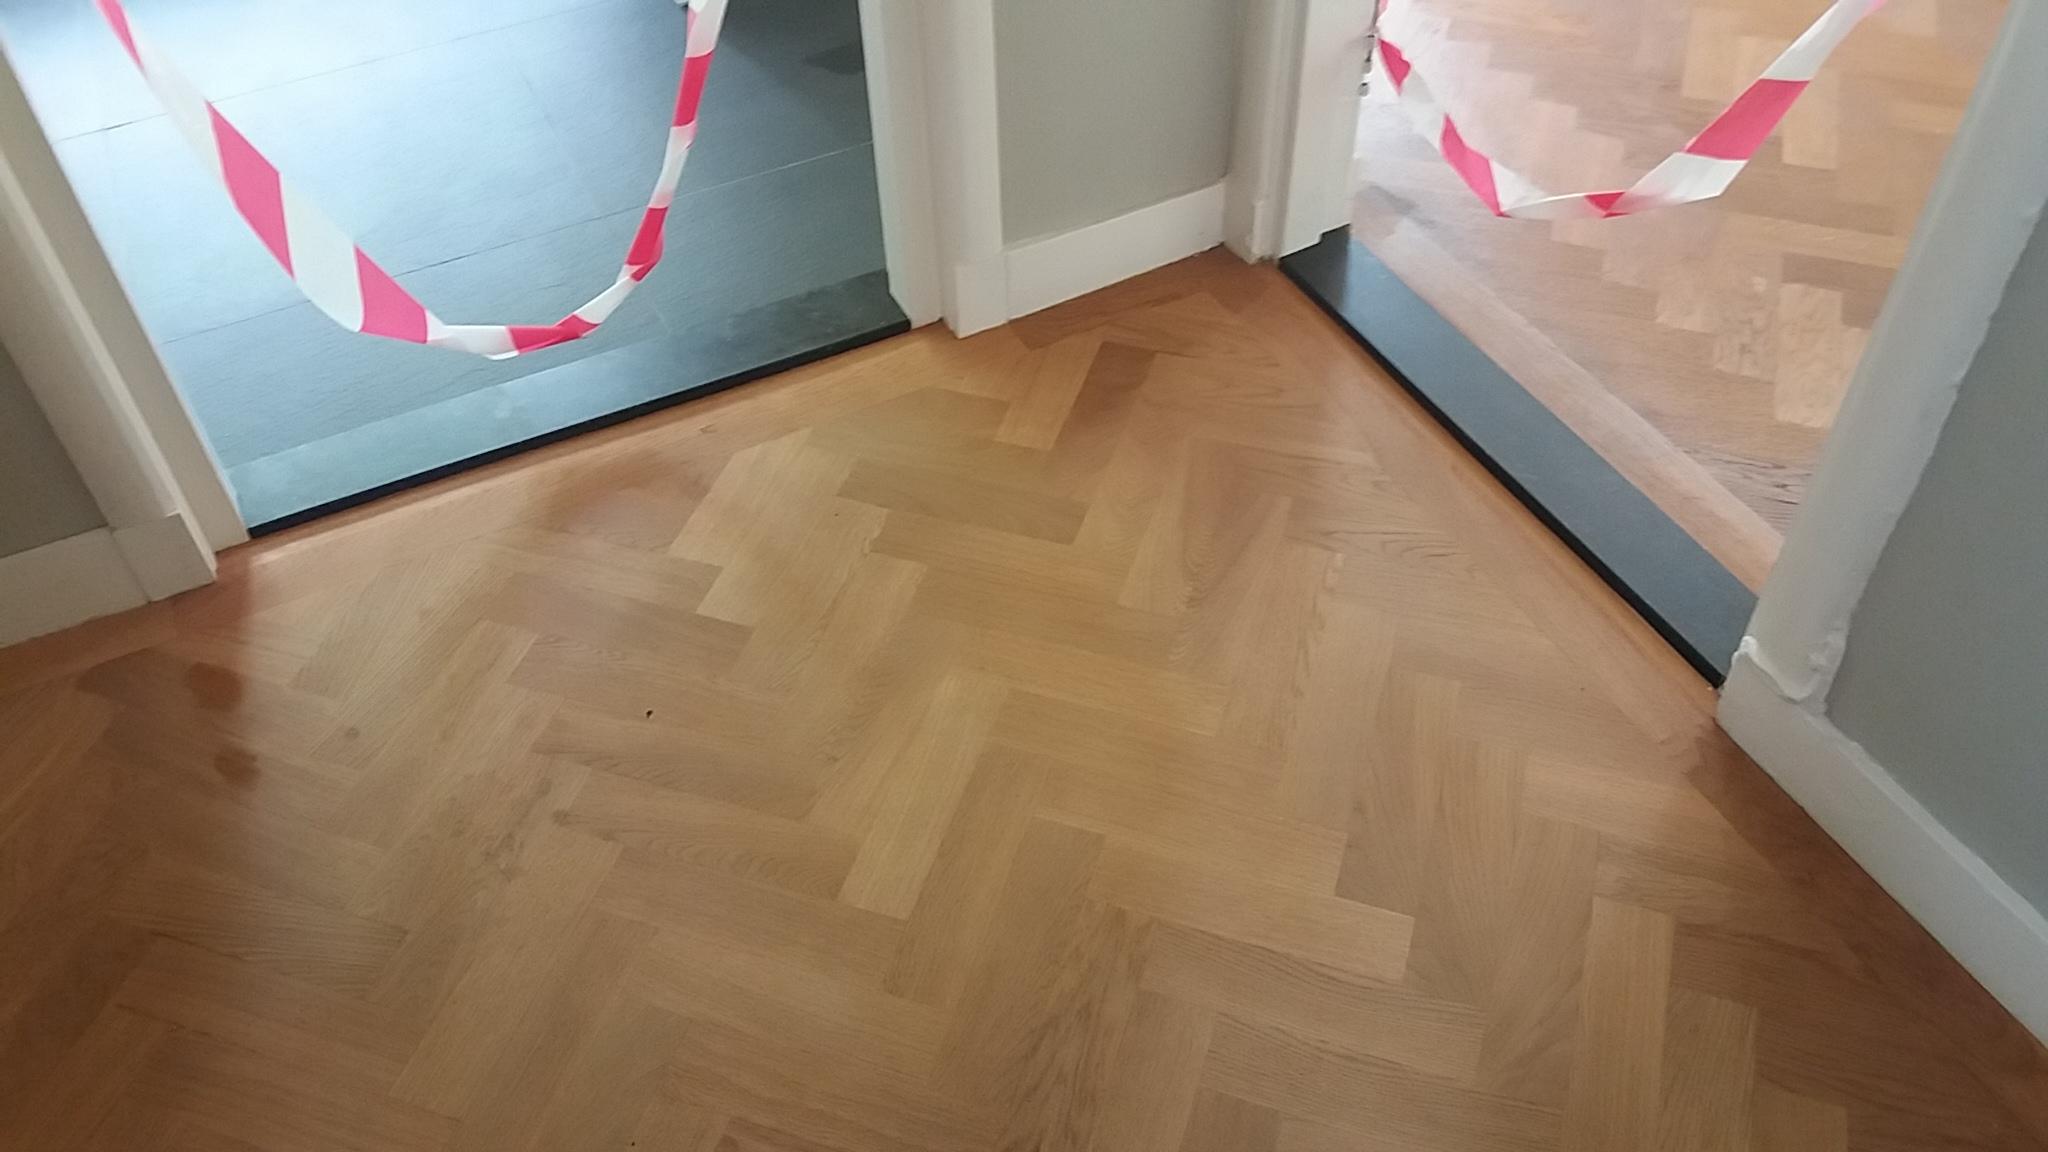 Dorpel Badkamer Karwei : Nieuwe badkamer dorpel hardstenen dorpel badkamer eenvoudig